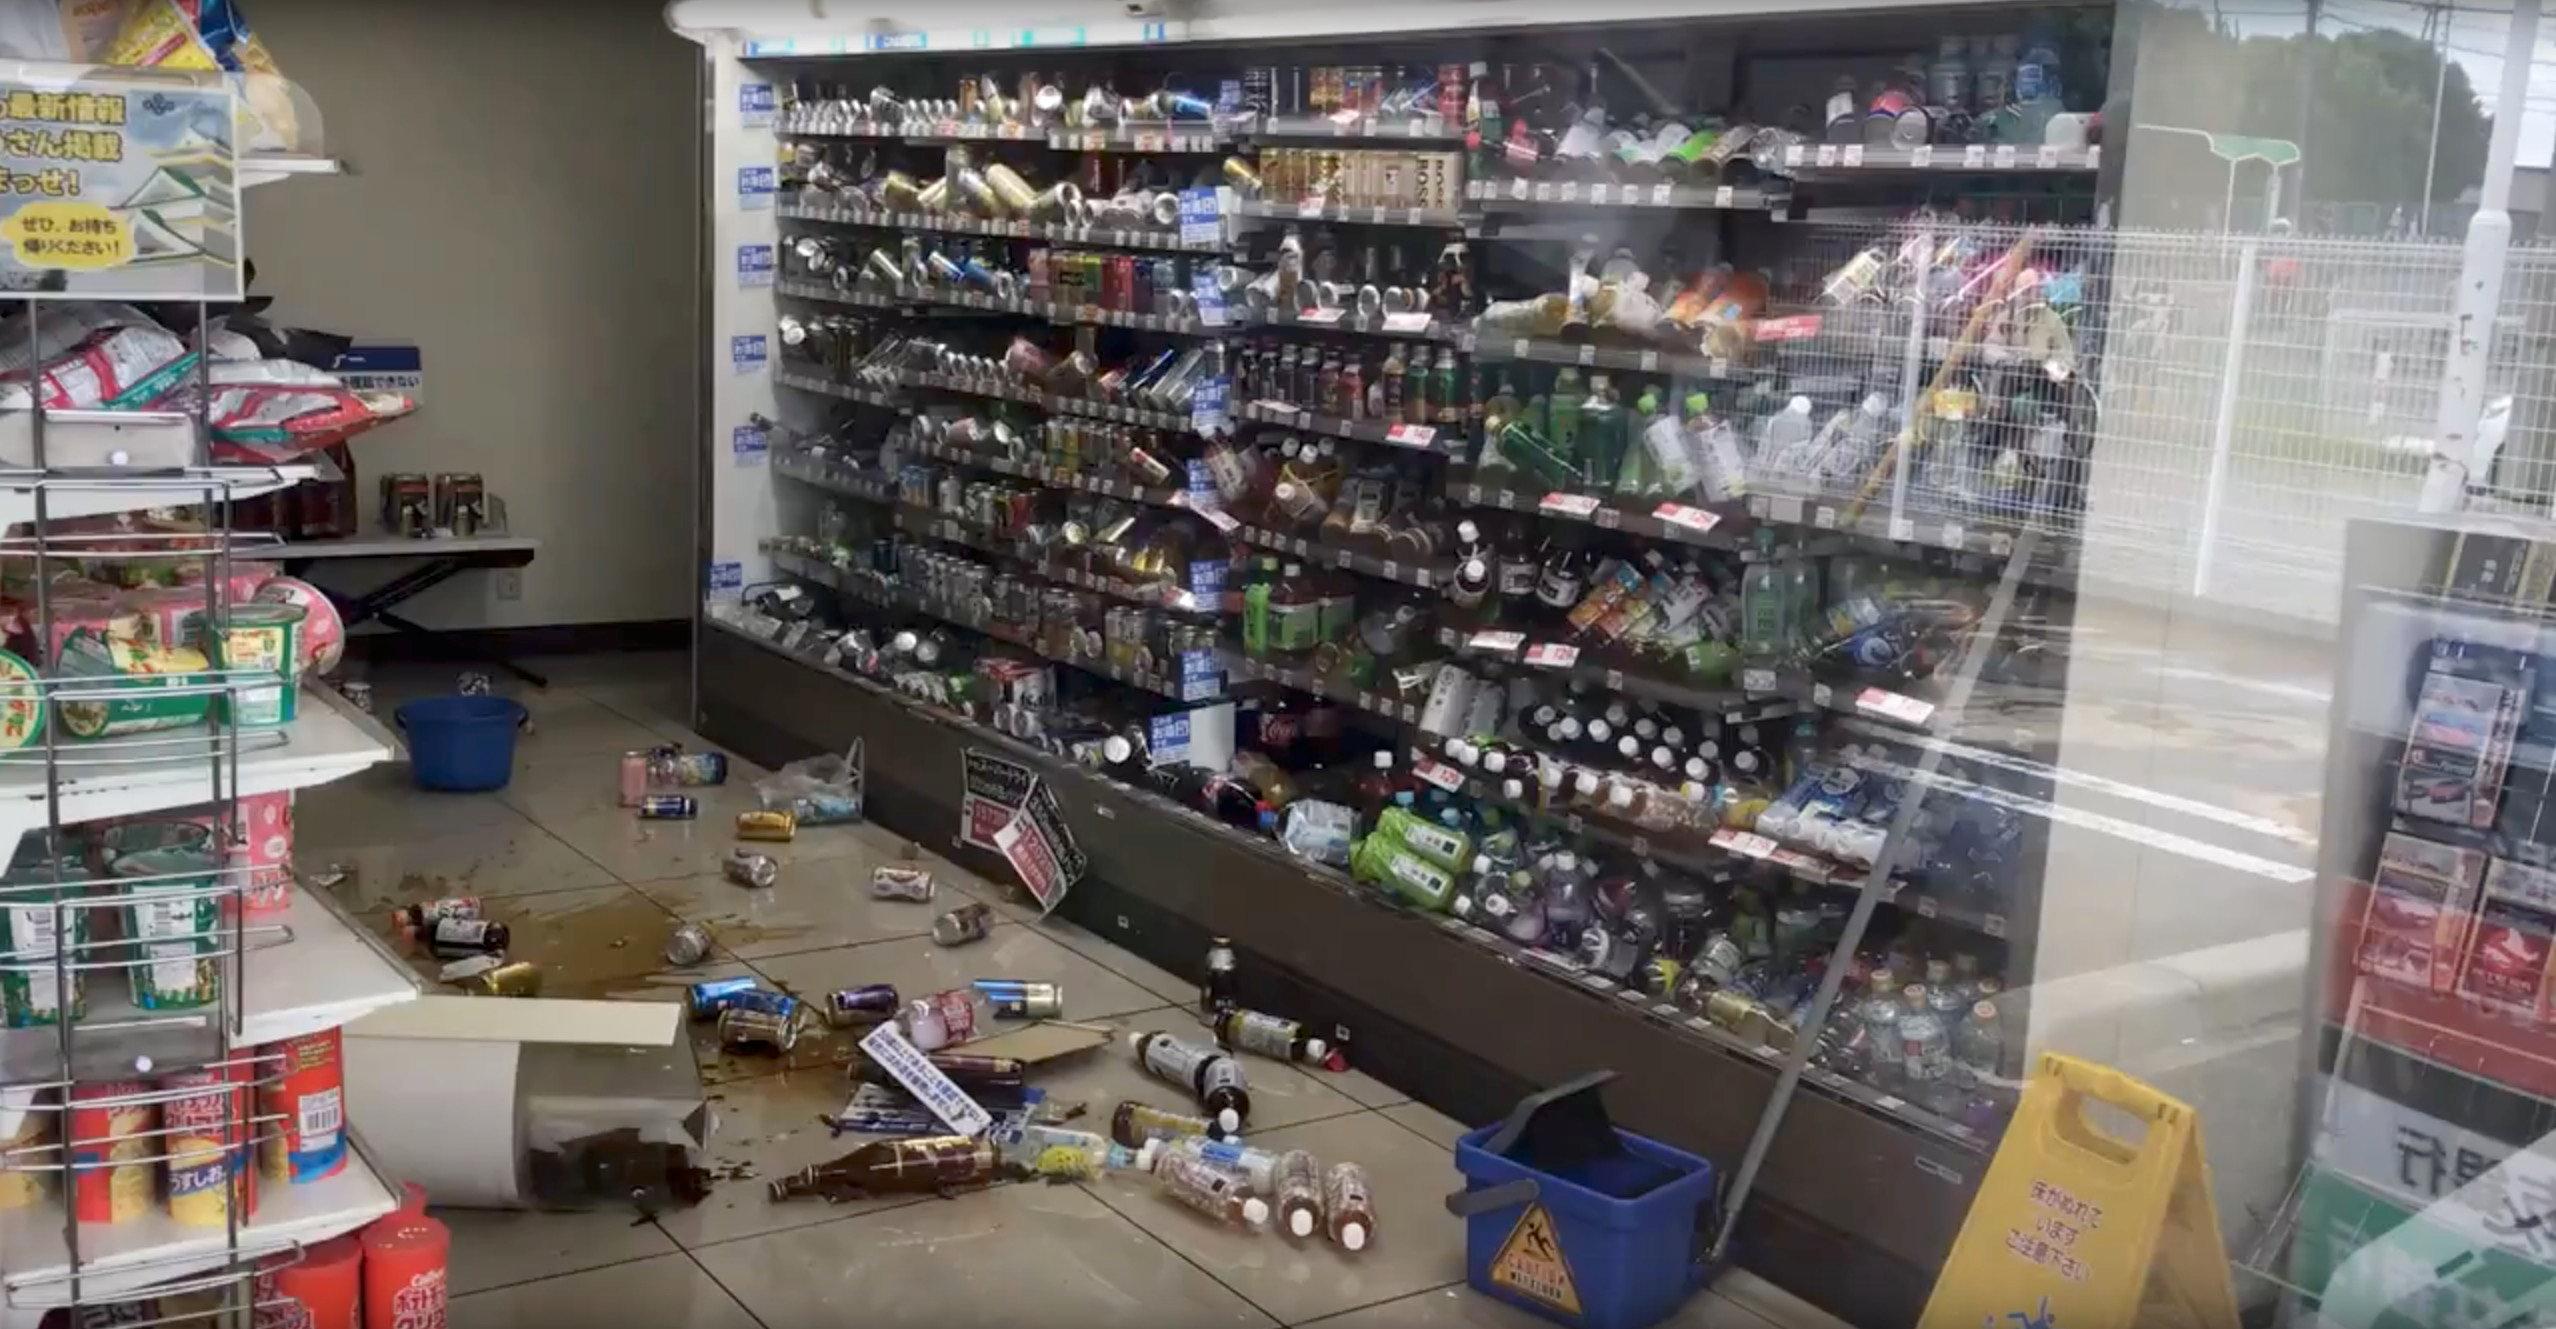 بضائع تساقطت على الأرض فى أحد المحال التجارية بعد الزلزال